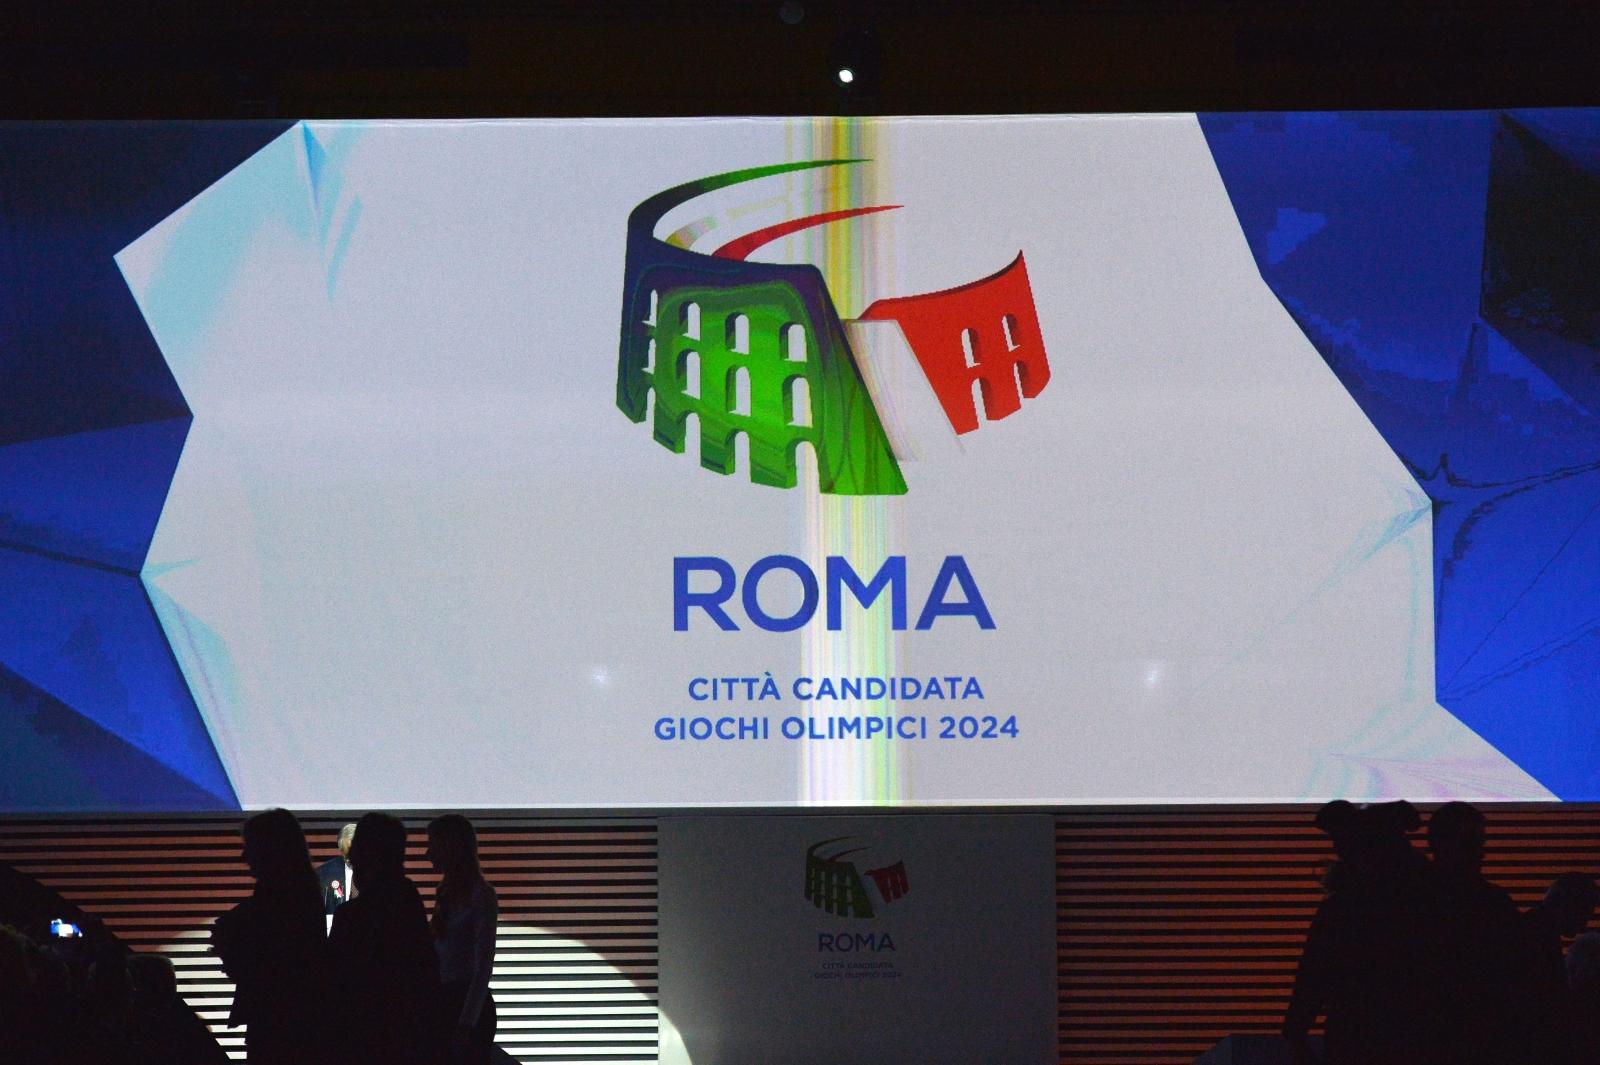 Rome 20245 Olympic bid